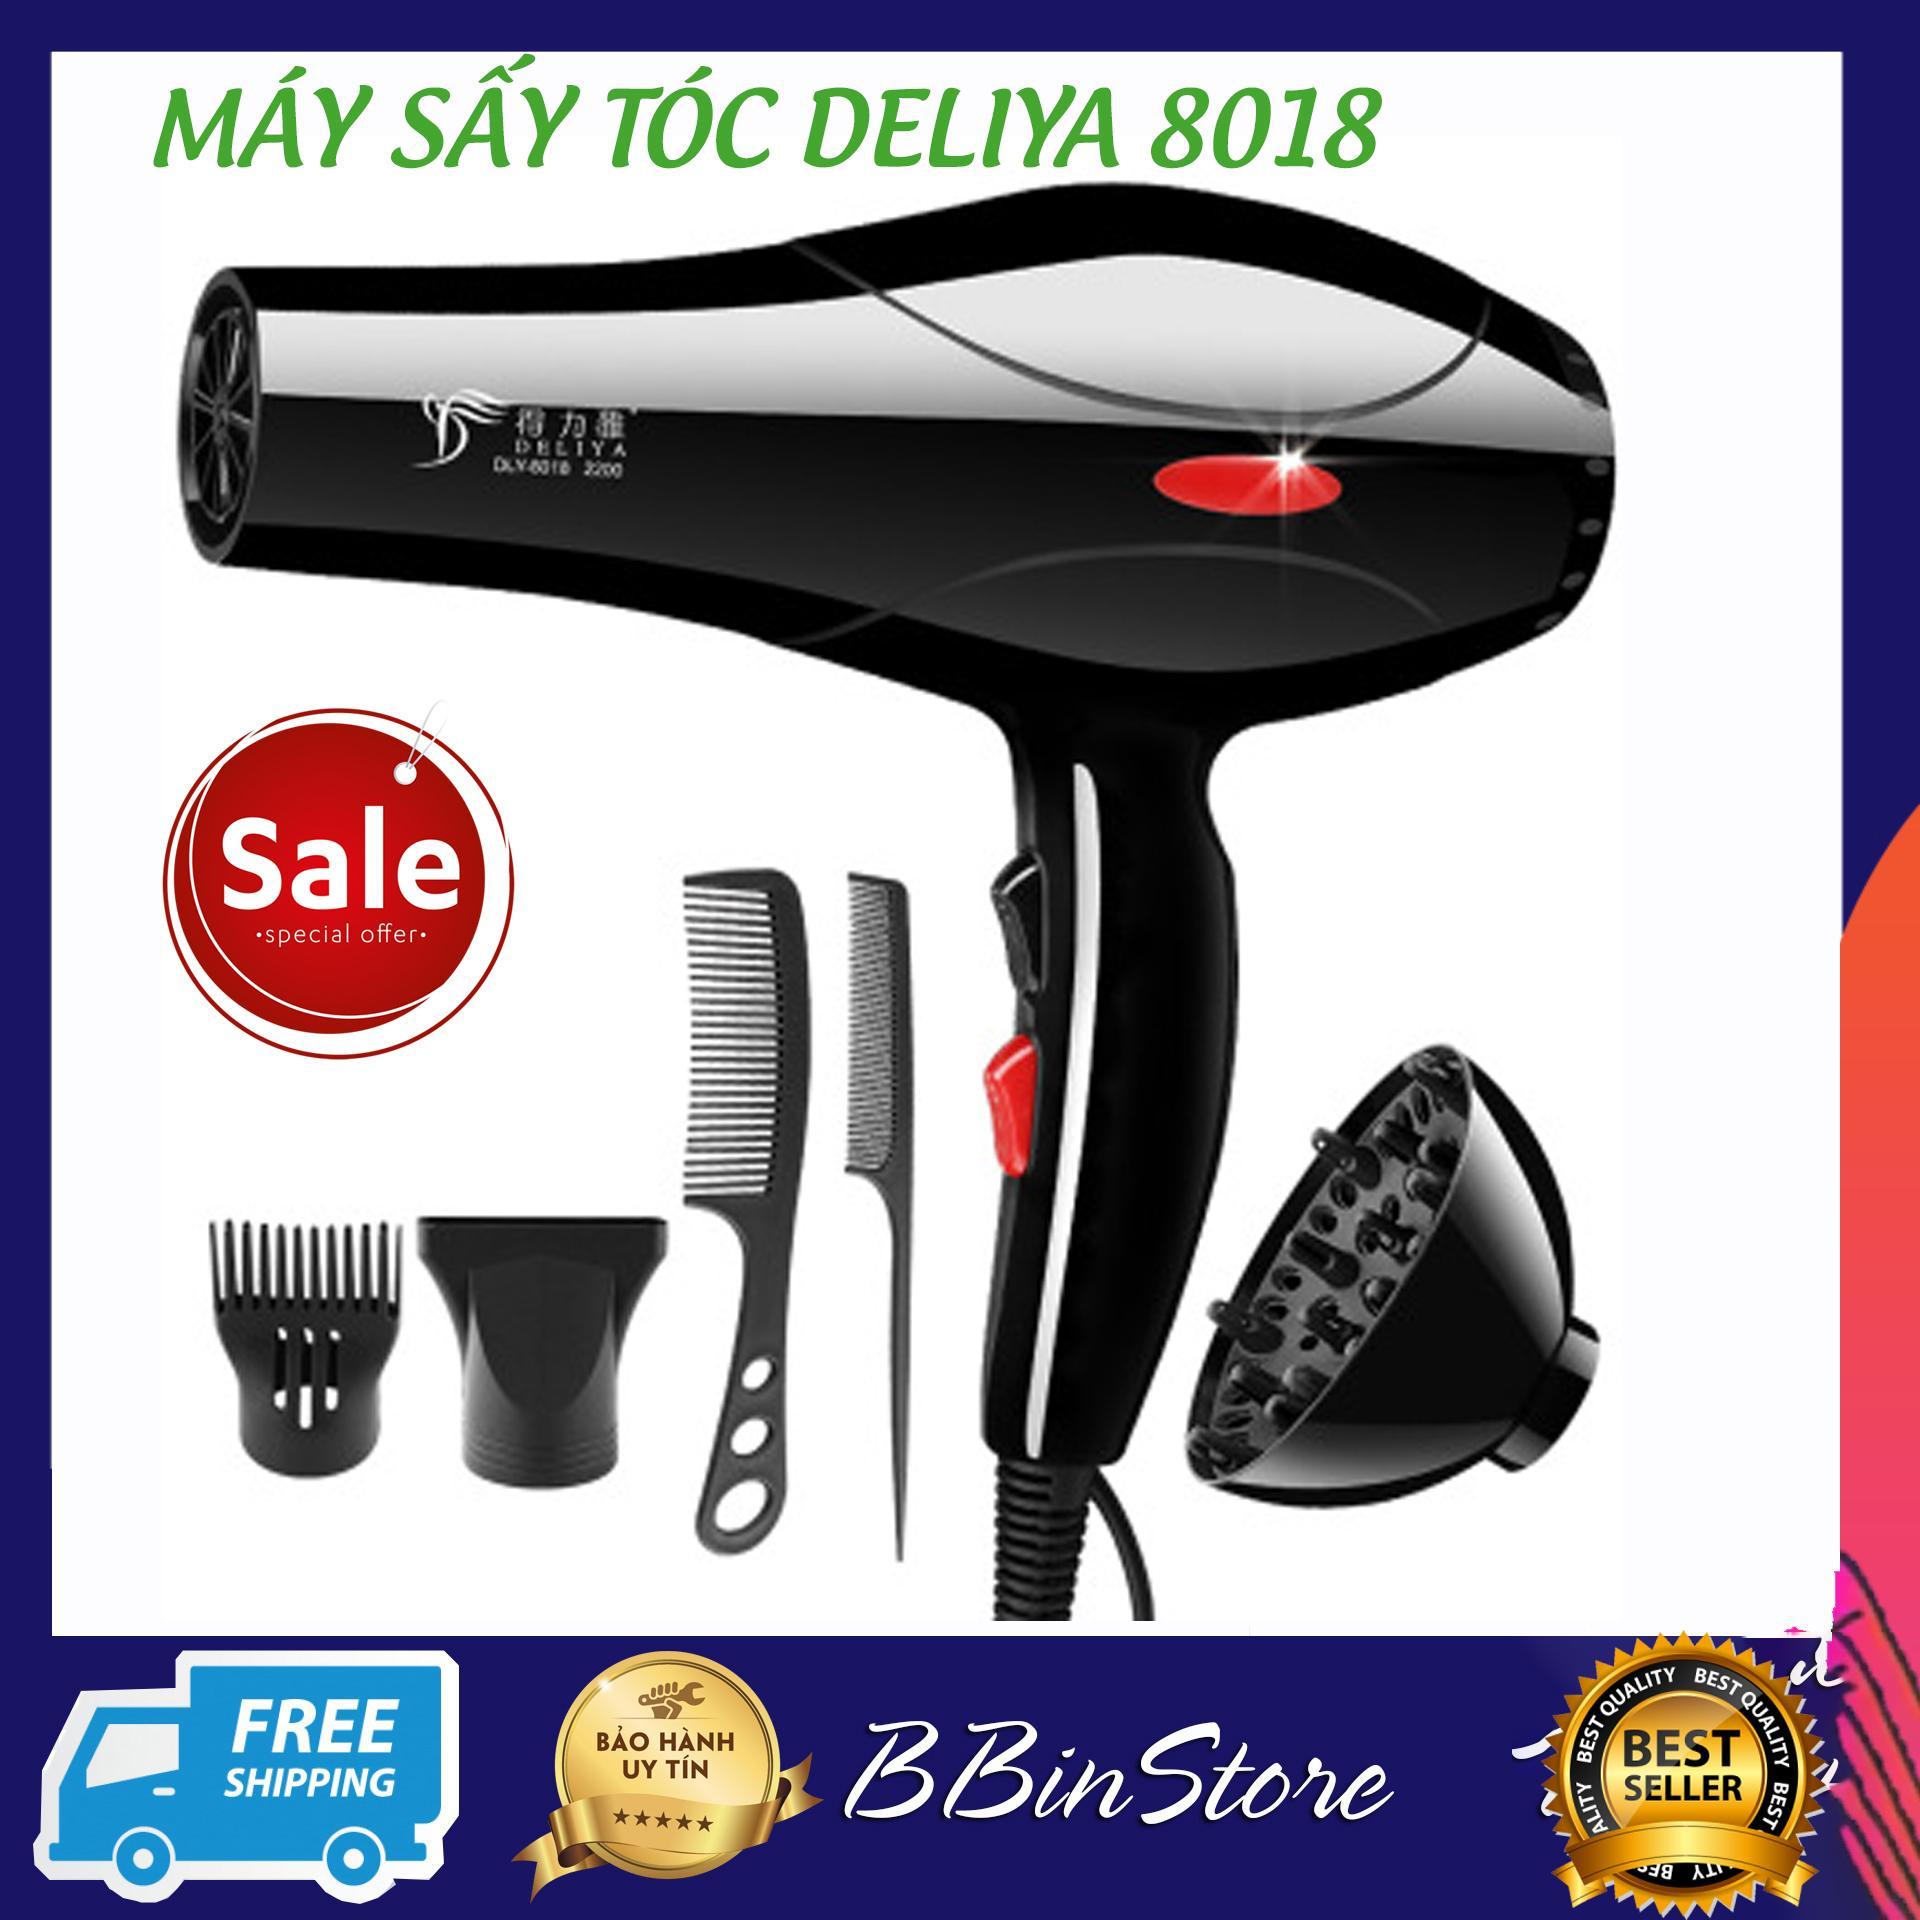 Mua Máy sấy tóc DELIYA công suất lớn hai chiều, Máy Sấy Tóc Tạo Kiểu Deliya bán chạy 2019, Máy sấy tóc 2 chiều nóng lạnh kèm 5 phụ kiện. Thiết kế thời trang, tiện dụng. Giảm giá 50%. Bảo hành 12 tháng.